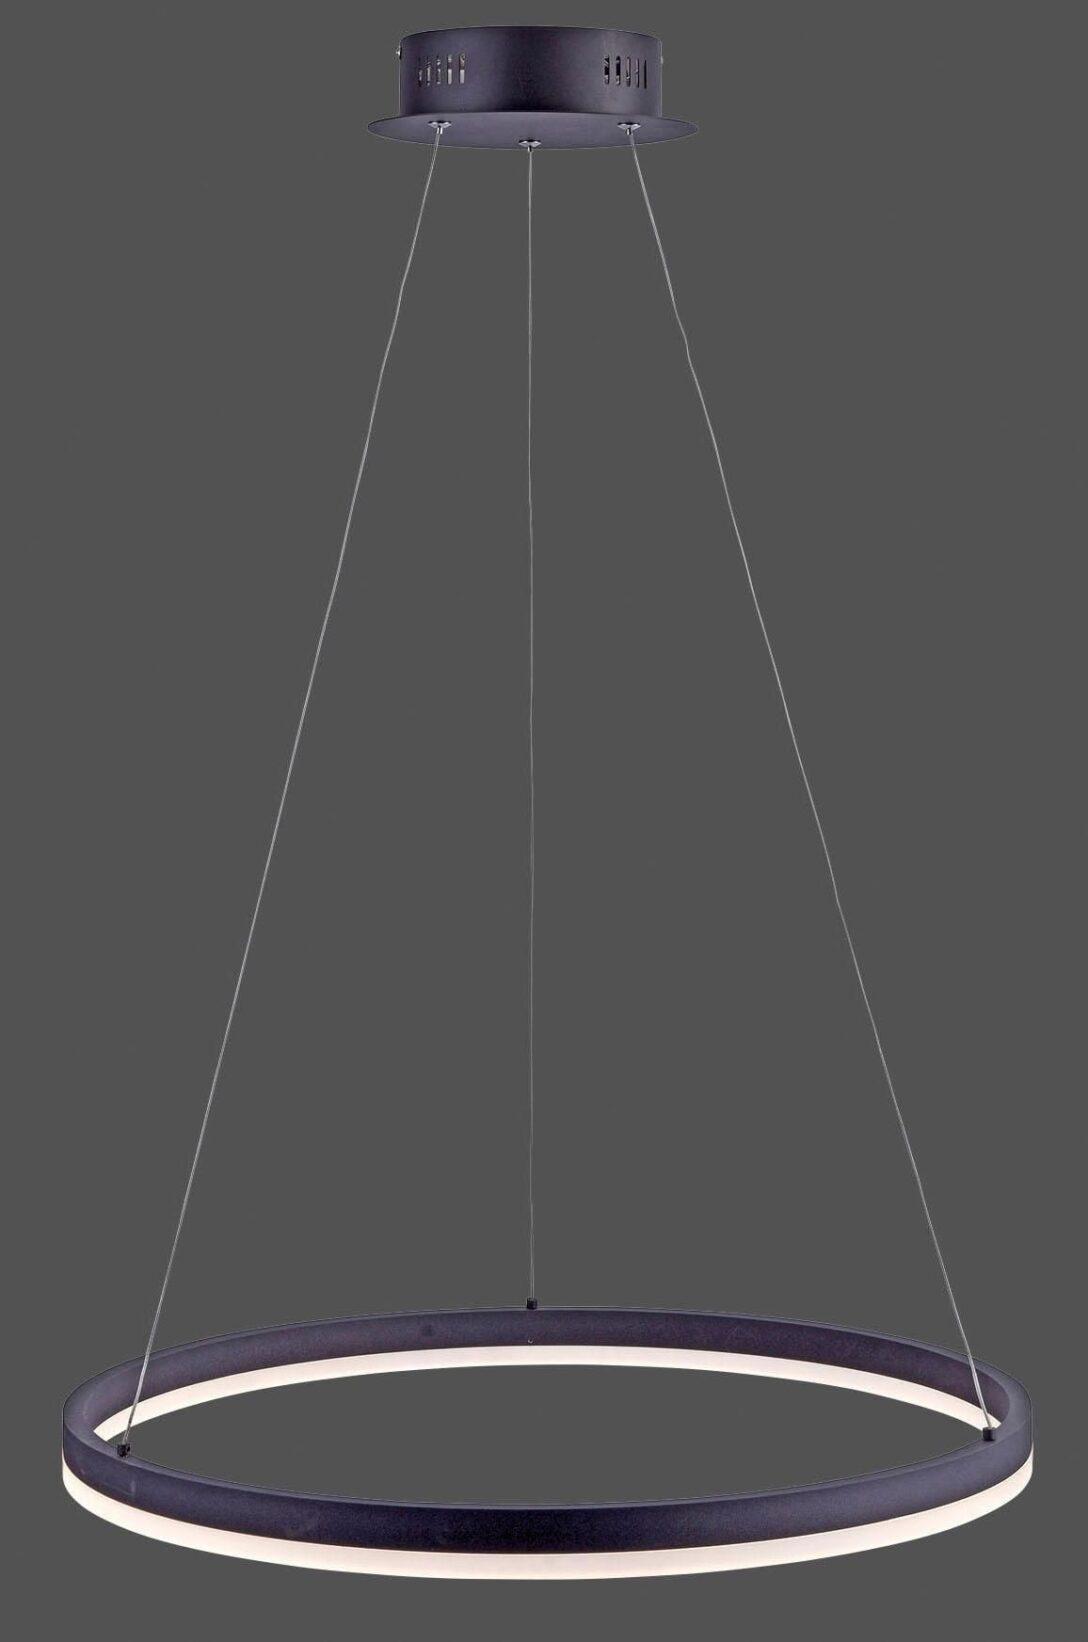 Large Size of Moderne Hängelampen Esstische Modernes Sofa Landhausküche Bett 180x200 Deckenleuchte Wohnzimmer Bilder Fürs Duschen Wohnzimmer Moderne Hängelampen